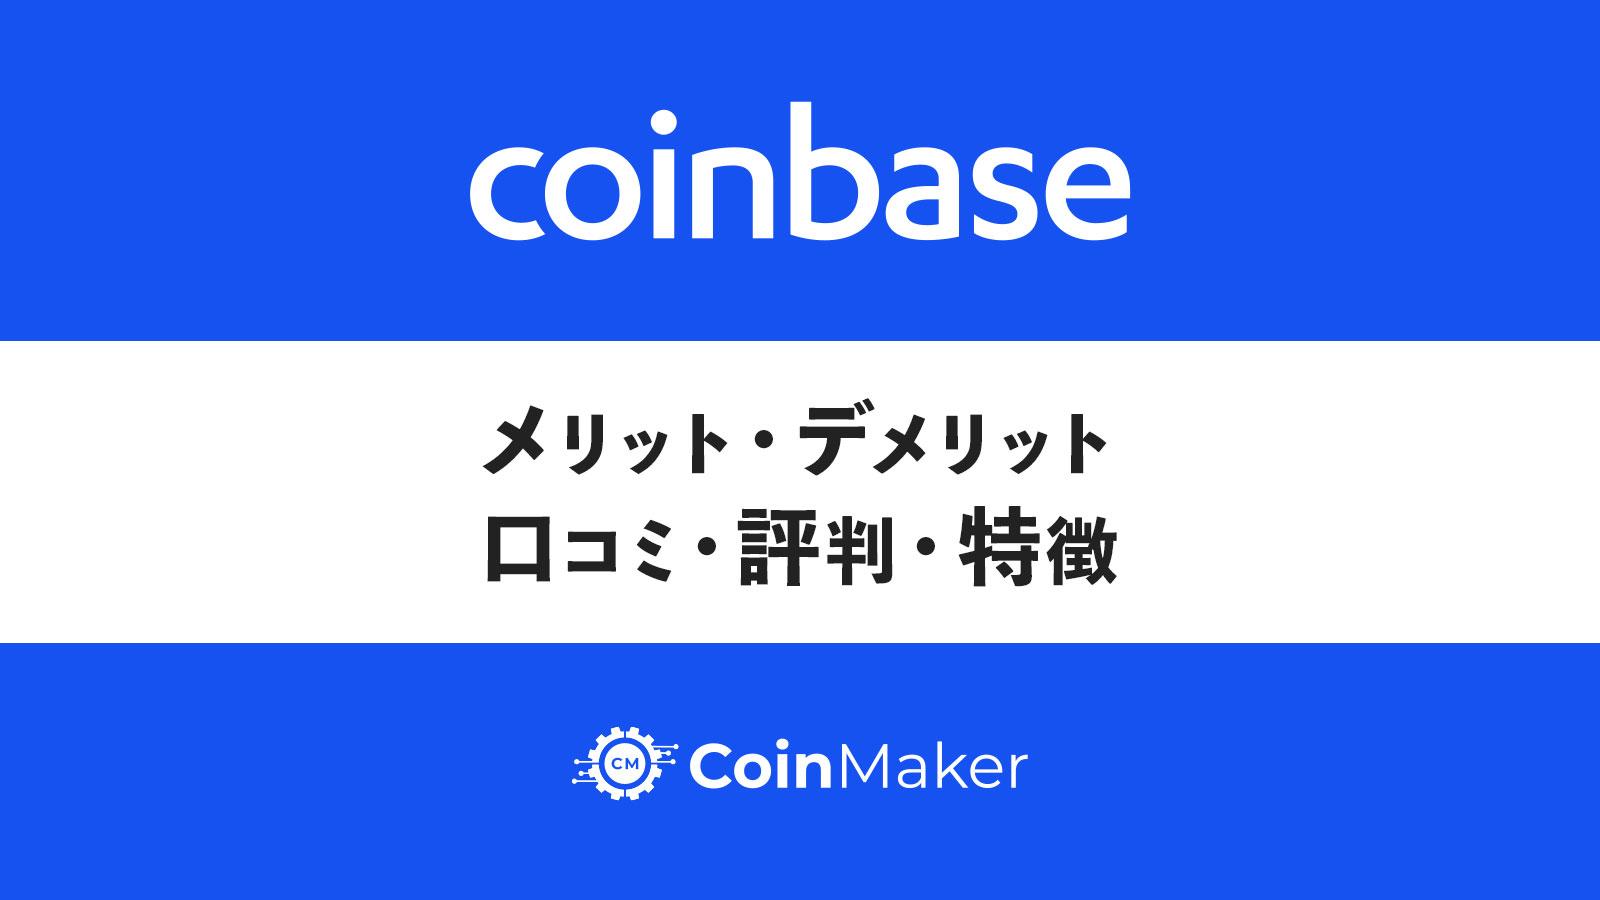 Coinbase(コインベース)特徴・評判をわかりやすく解説